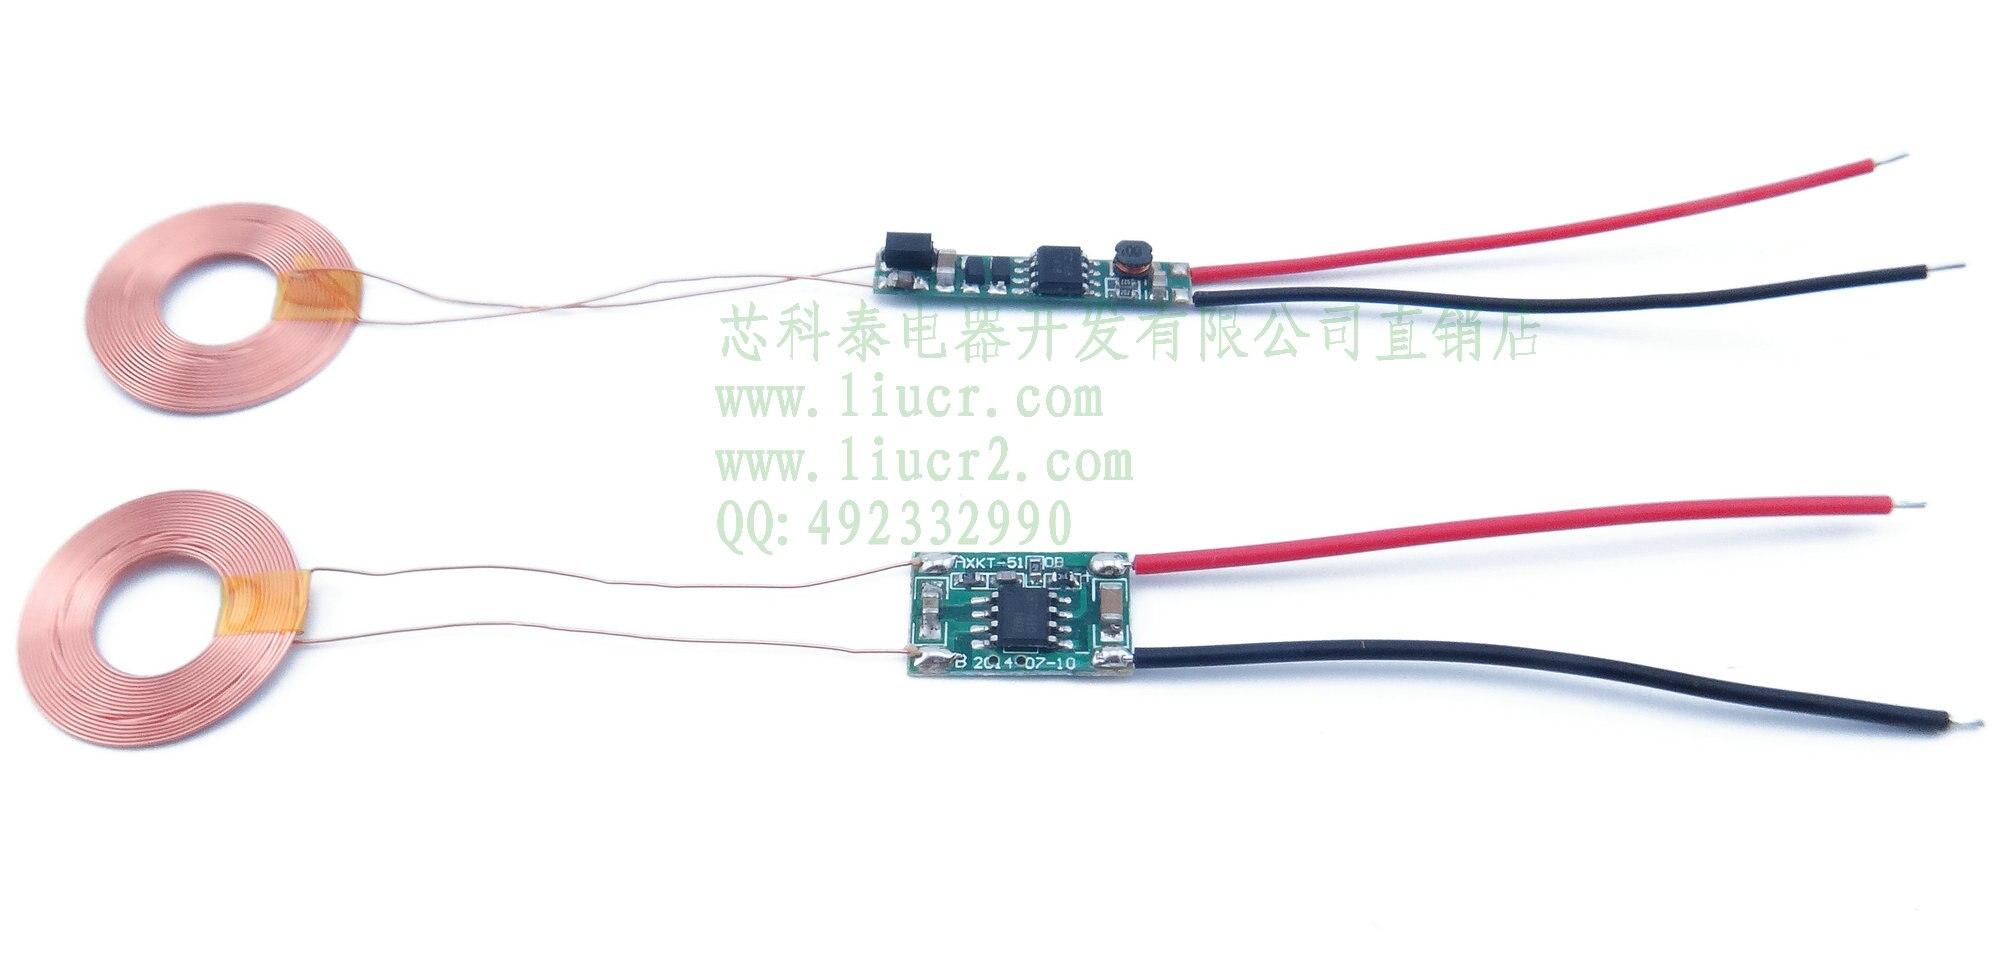 12V20mm Небольшая Катушка Беспроводной зарядки Беспроводной Питание модуль XKT-510 чип XKT510-12